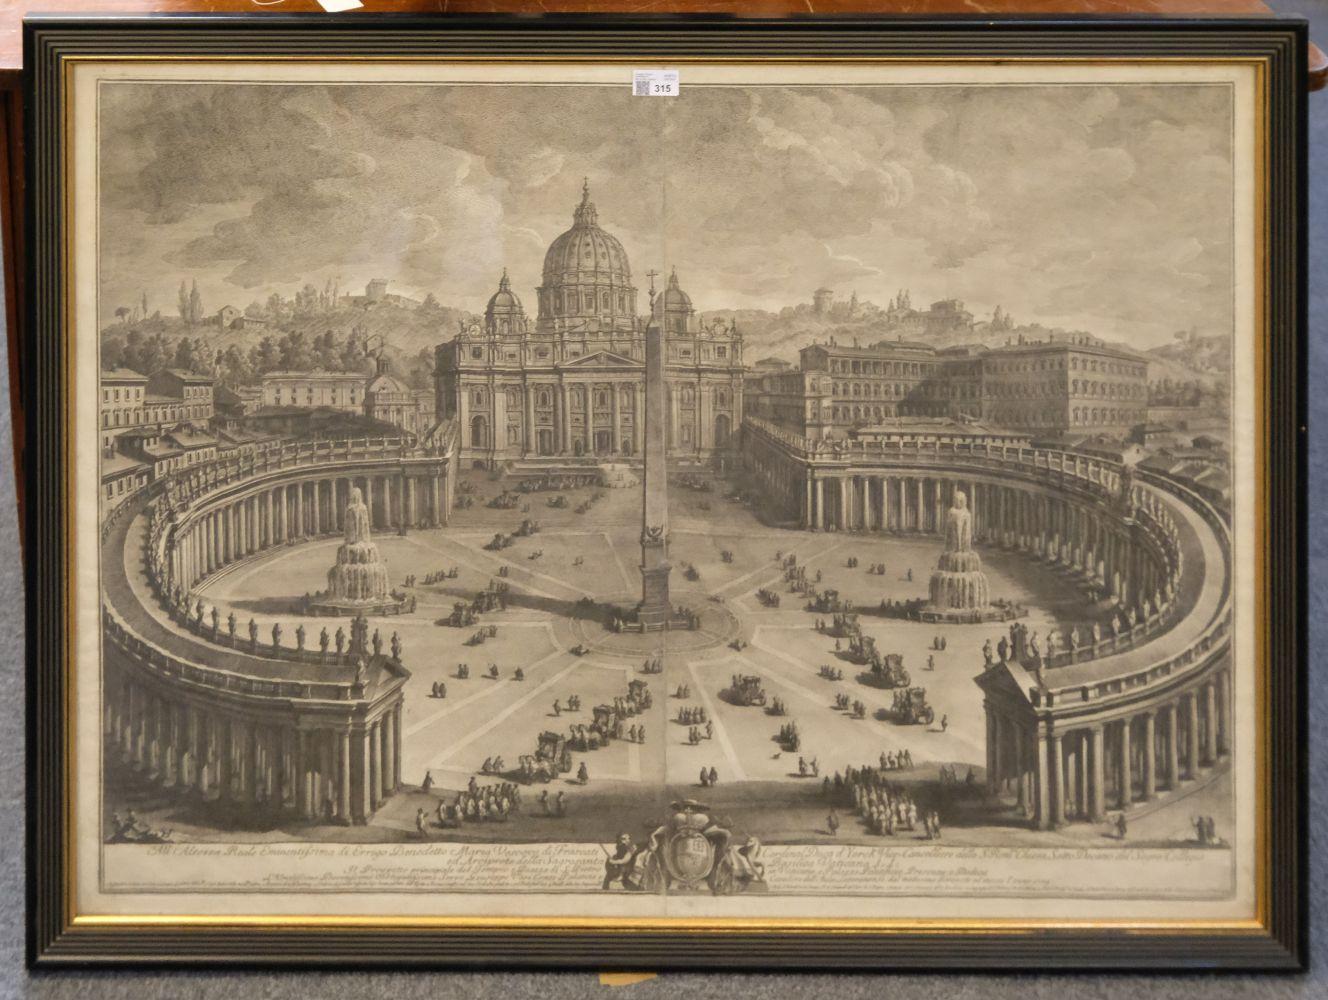 * Vasi (Giuseppe, 1710-1782). Prospetto principale del Tempio e Piazza di S. Pietro, 1774 - Image 2 of 6